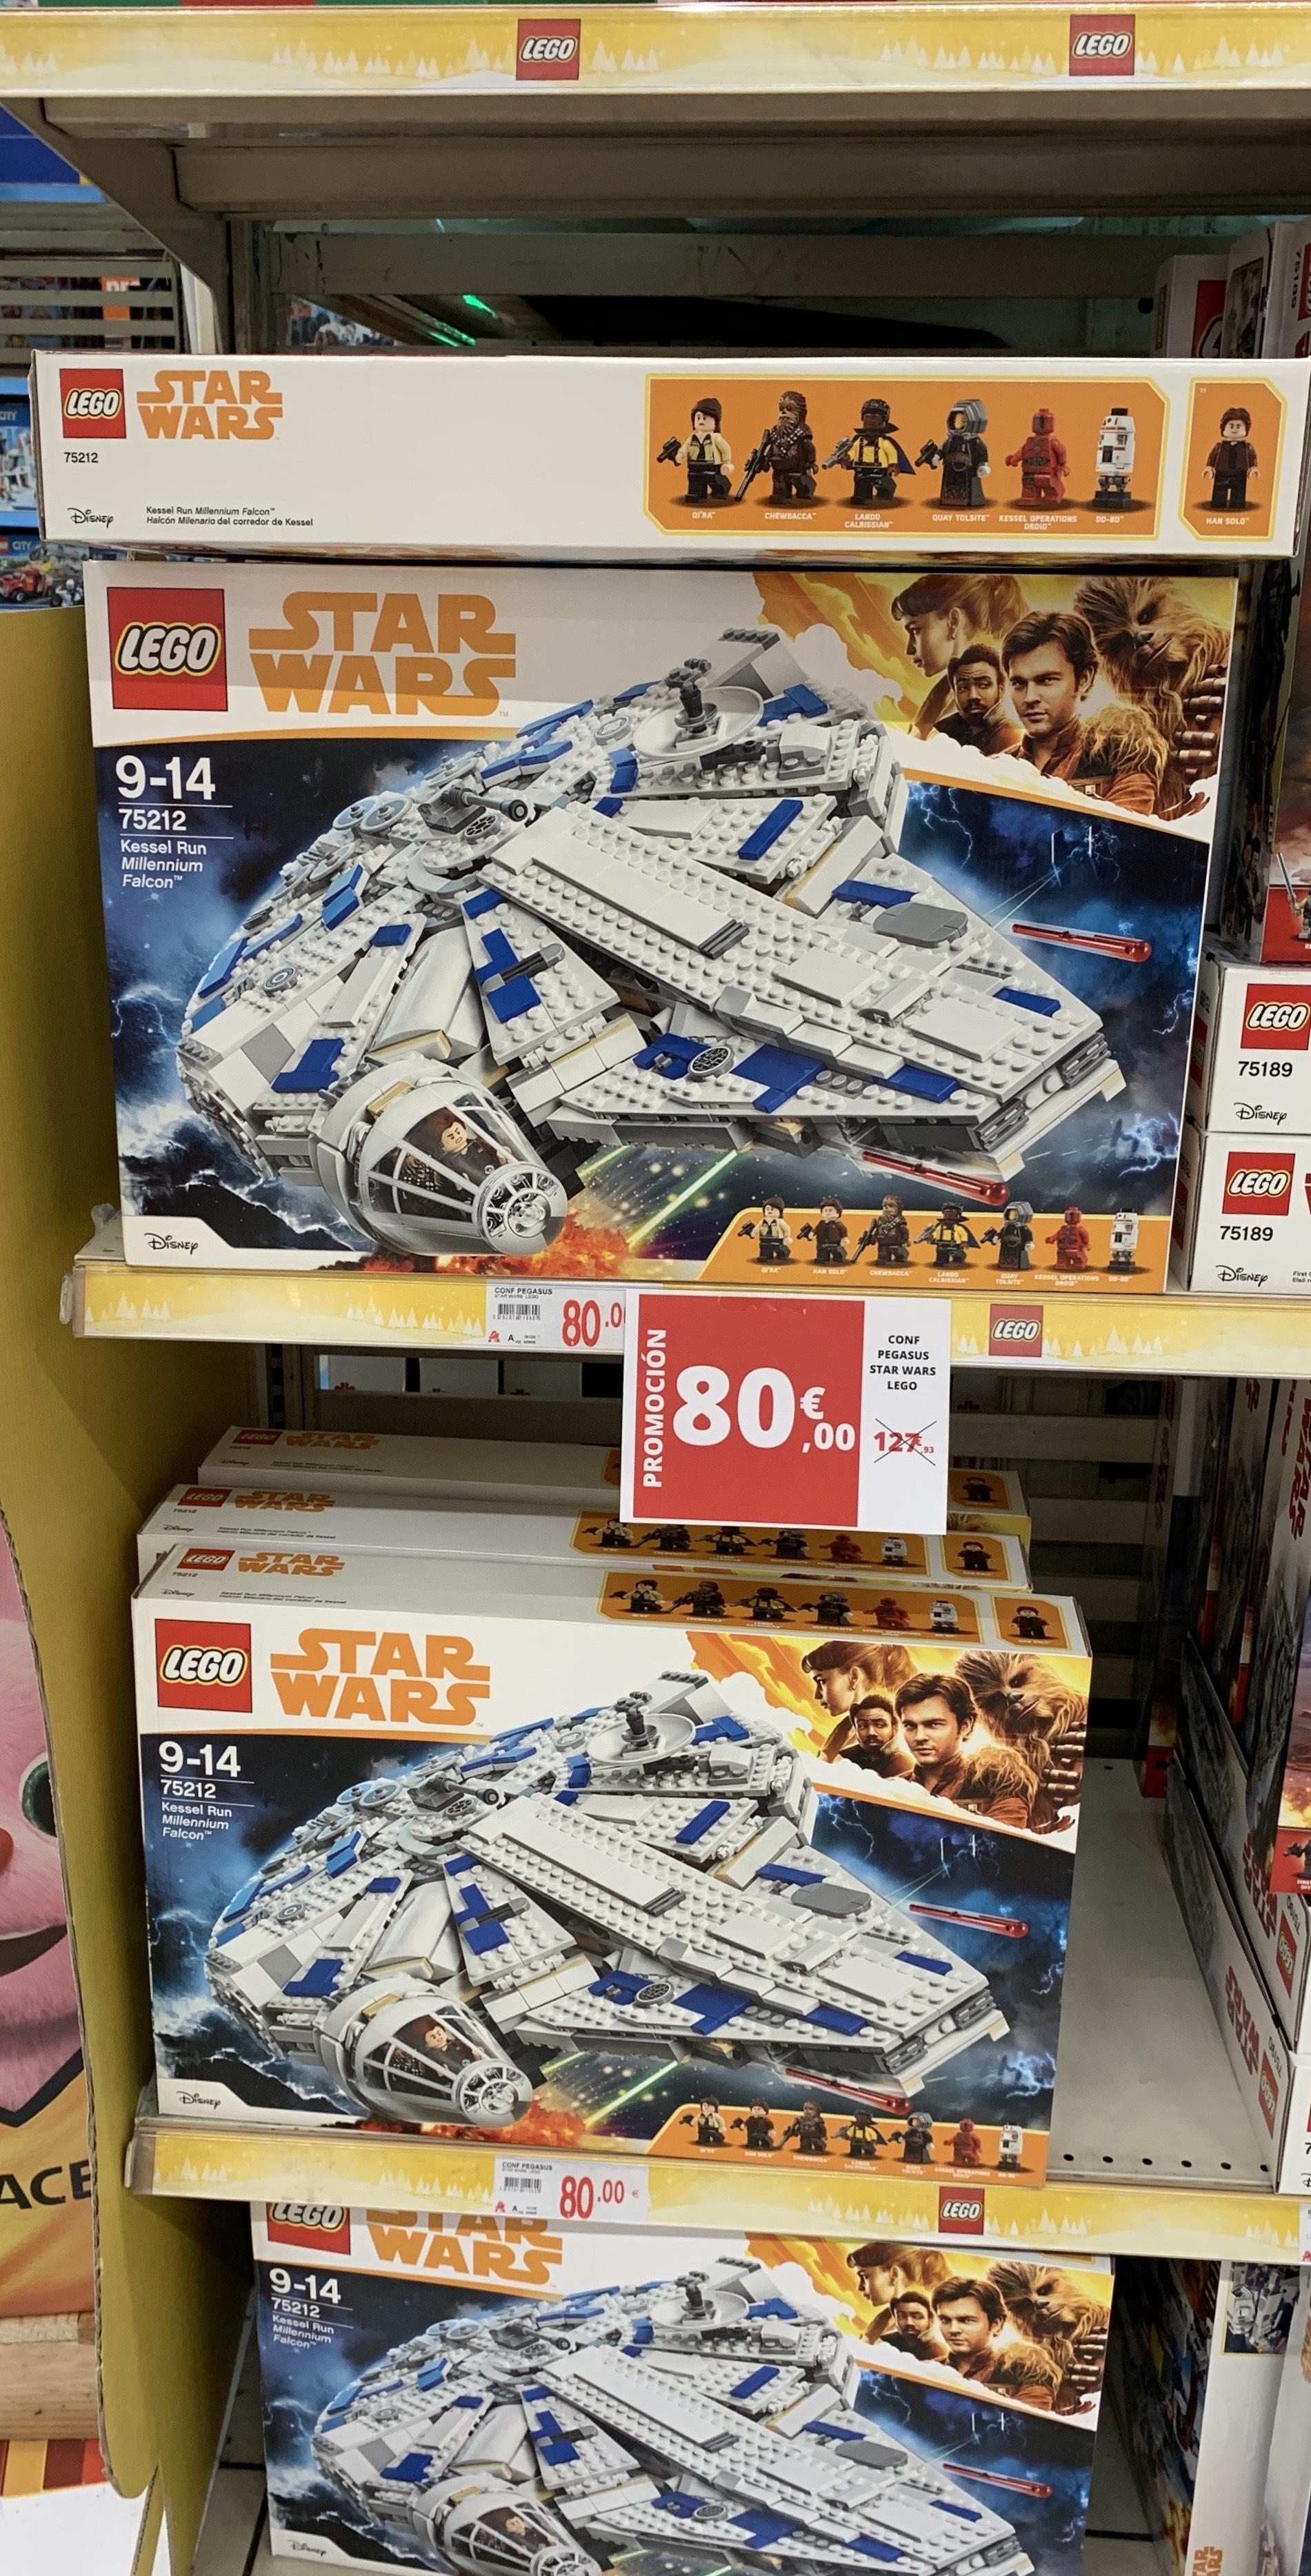 Halcon milenario modelo 75212 de lego el que han sacado en 2018 por 80€